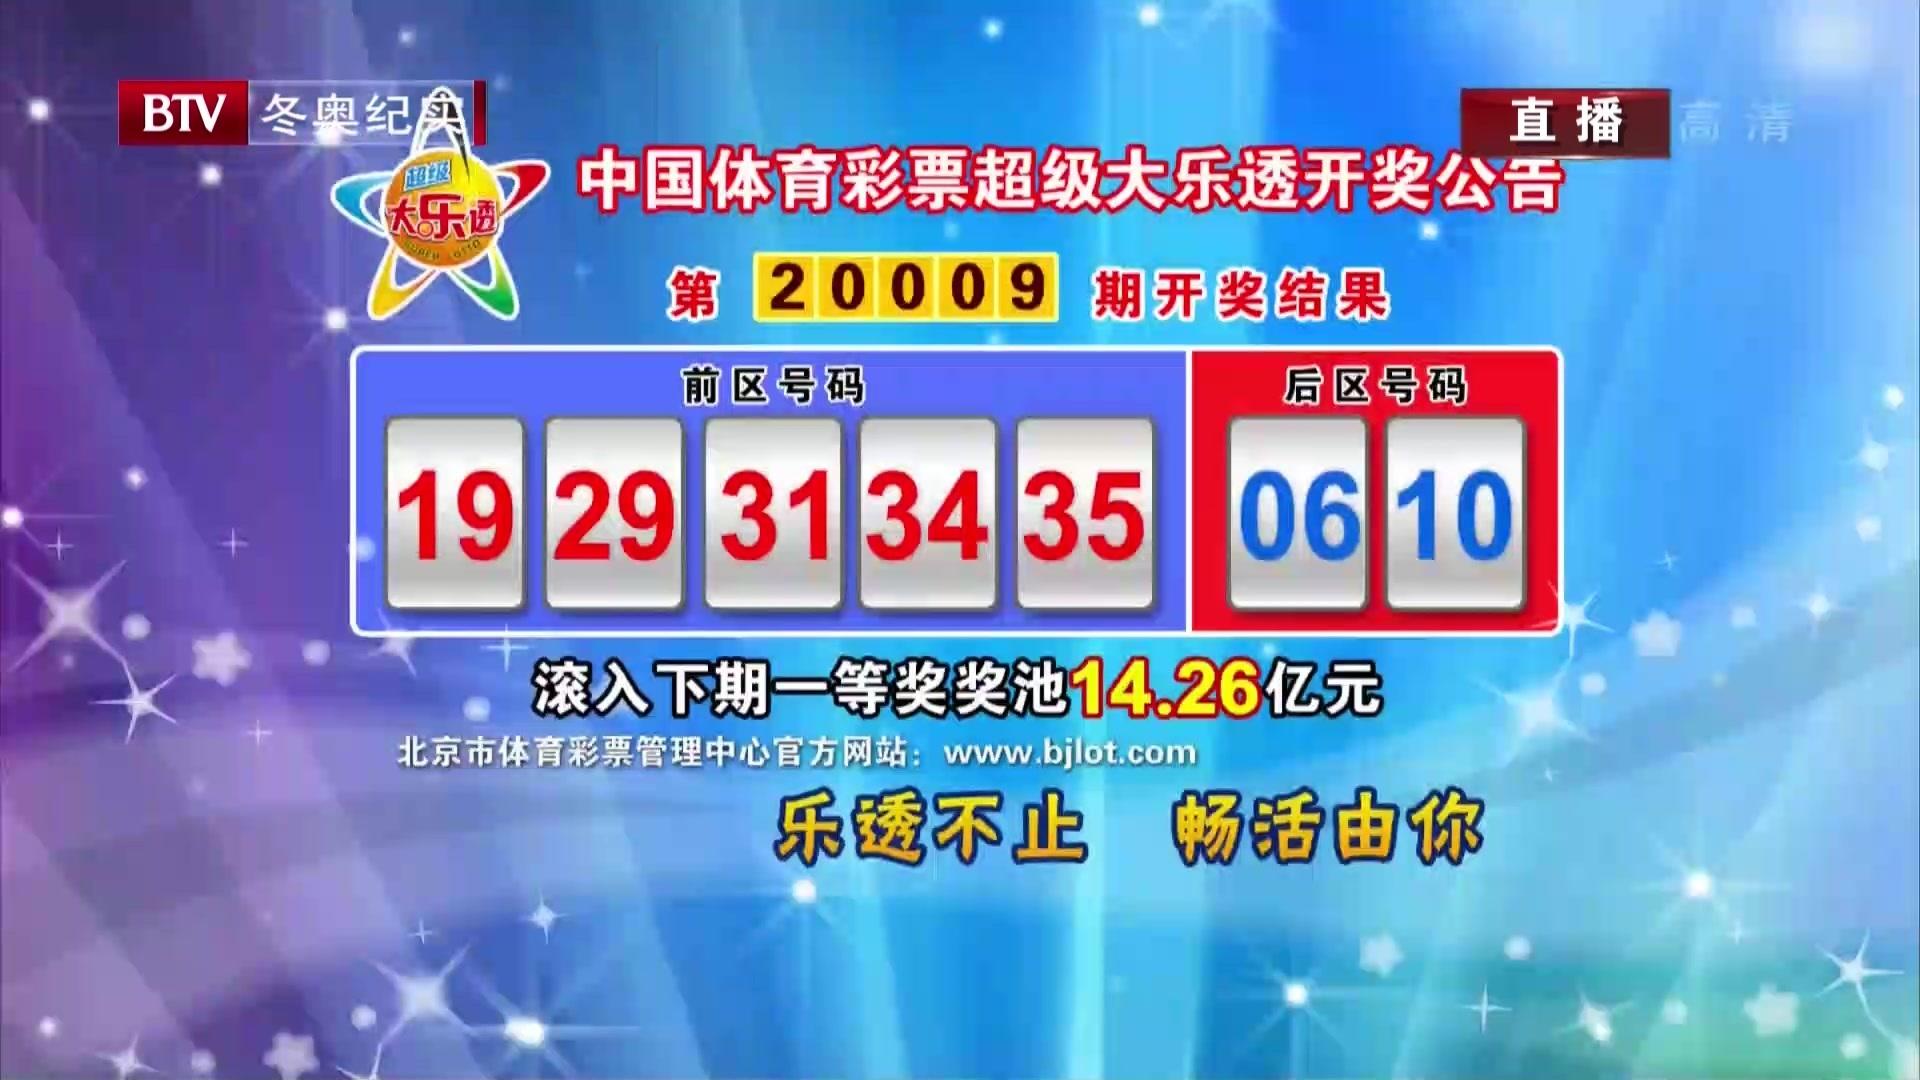 中国体育彩票超级大乐透开奖公告:第20009期开奖结果